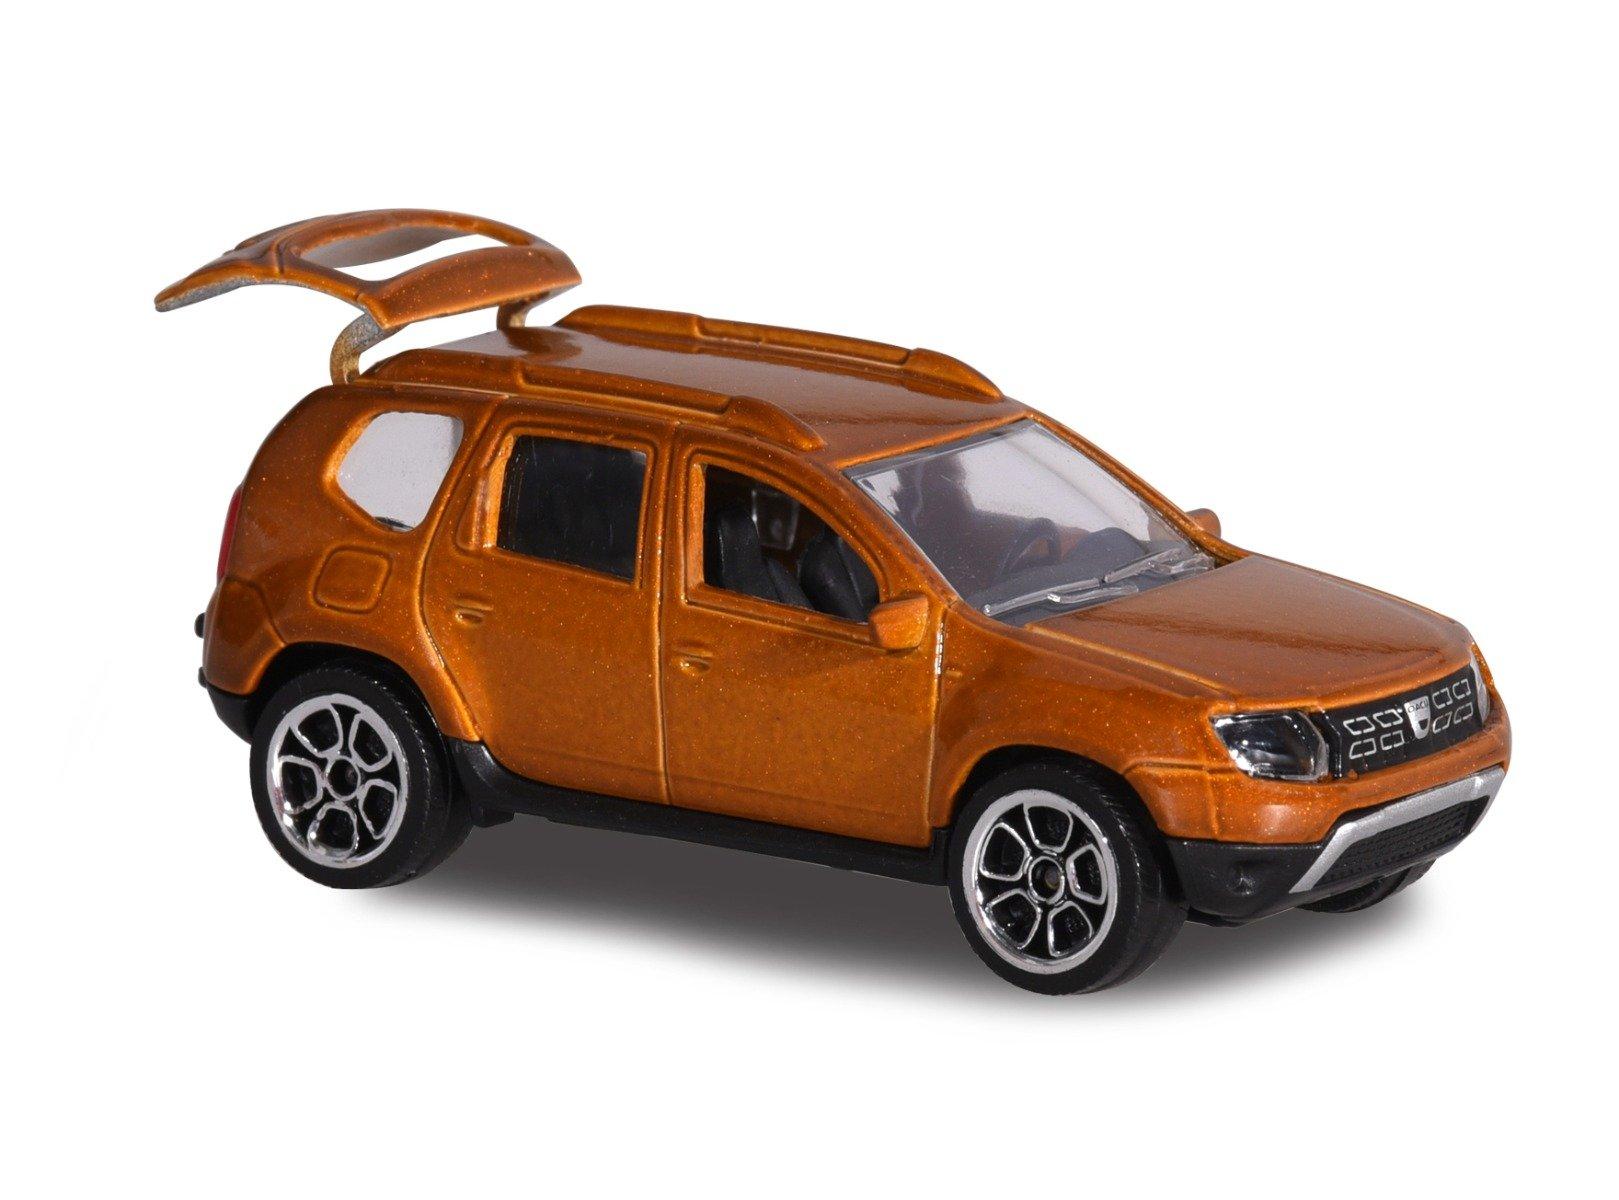 Masinuta Dacia Duster Majorette, 7.5 cm, Maro